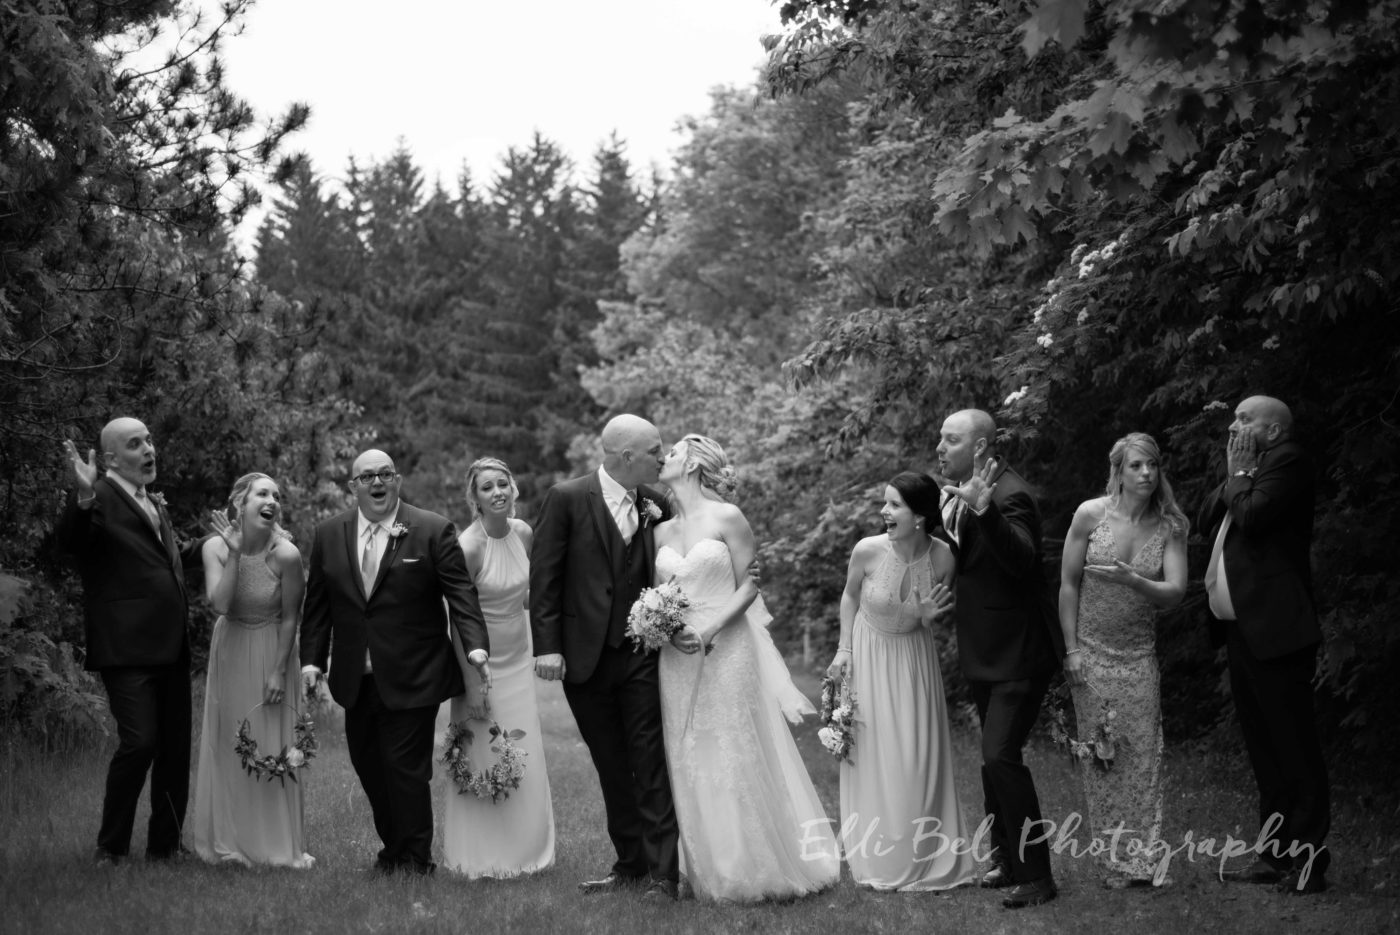 bride,groom,wedding party outdoor